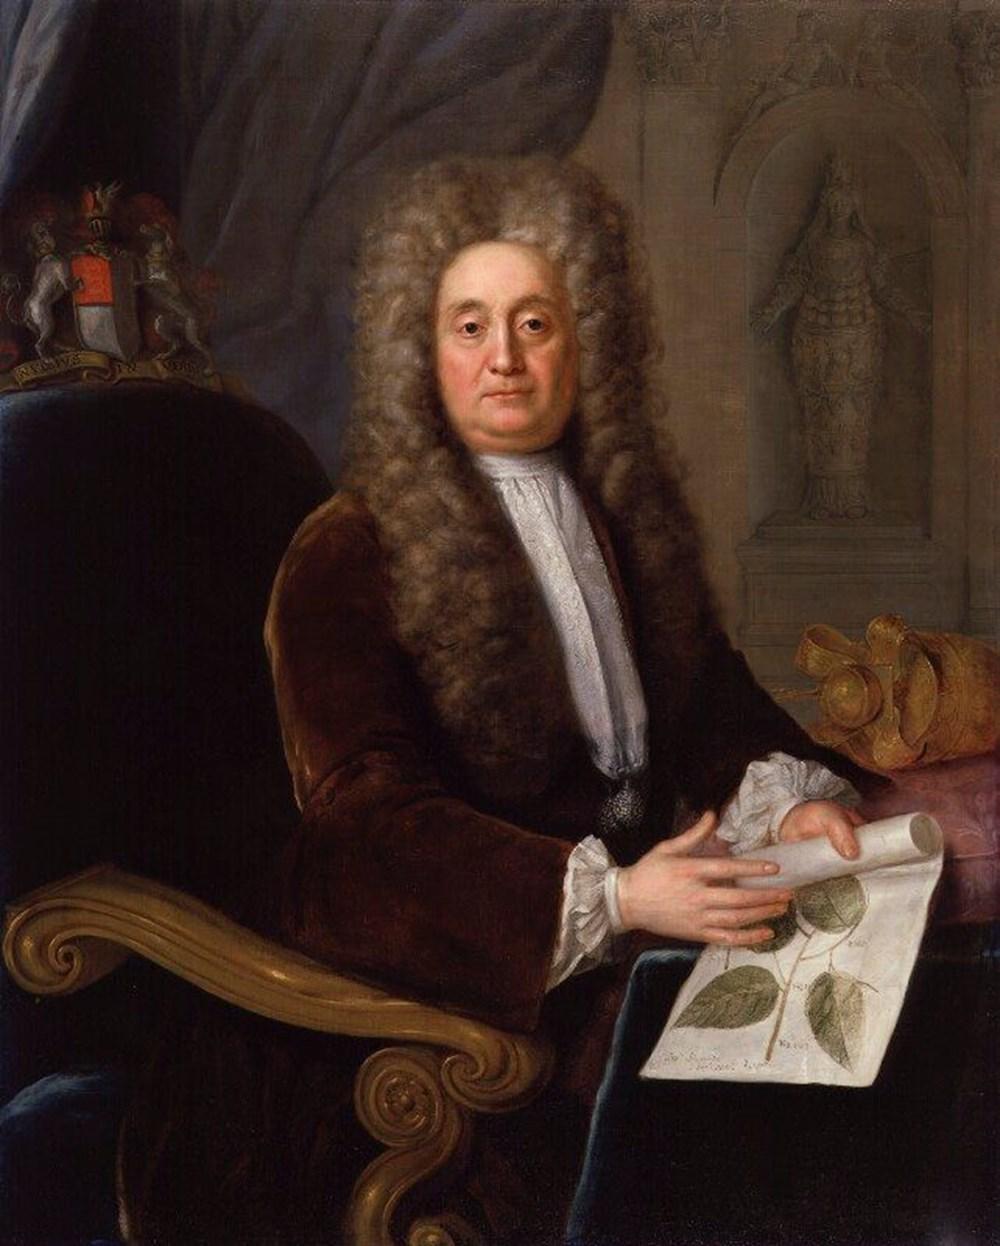 British Museum köleci kimliği nedeniyle Sir Hans Sloane büstünü sergiden çıkardı - 3